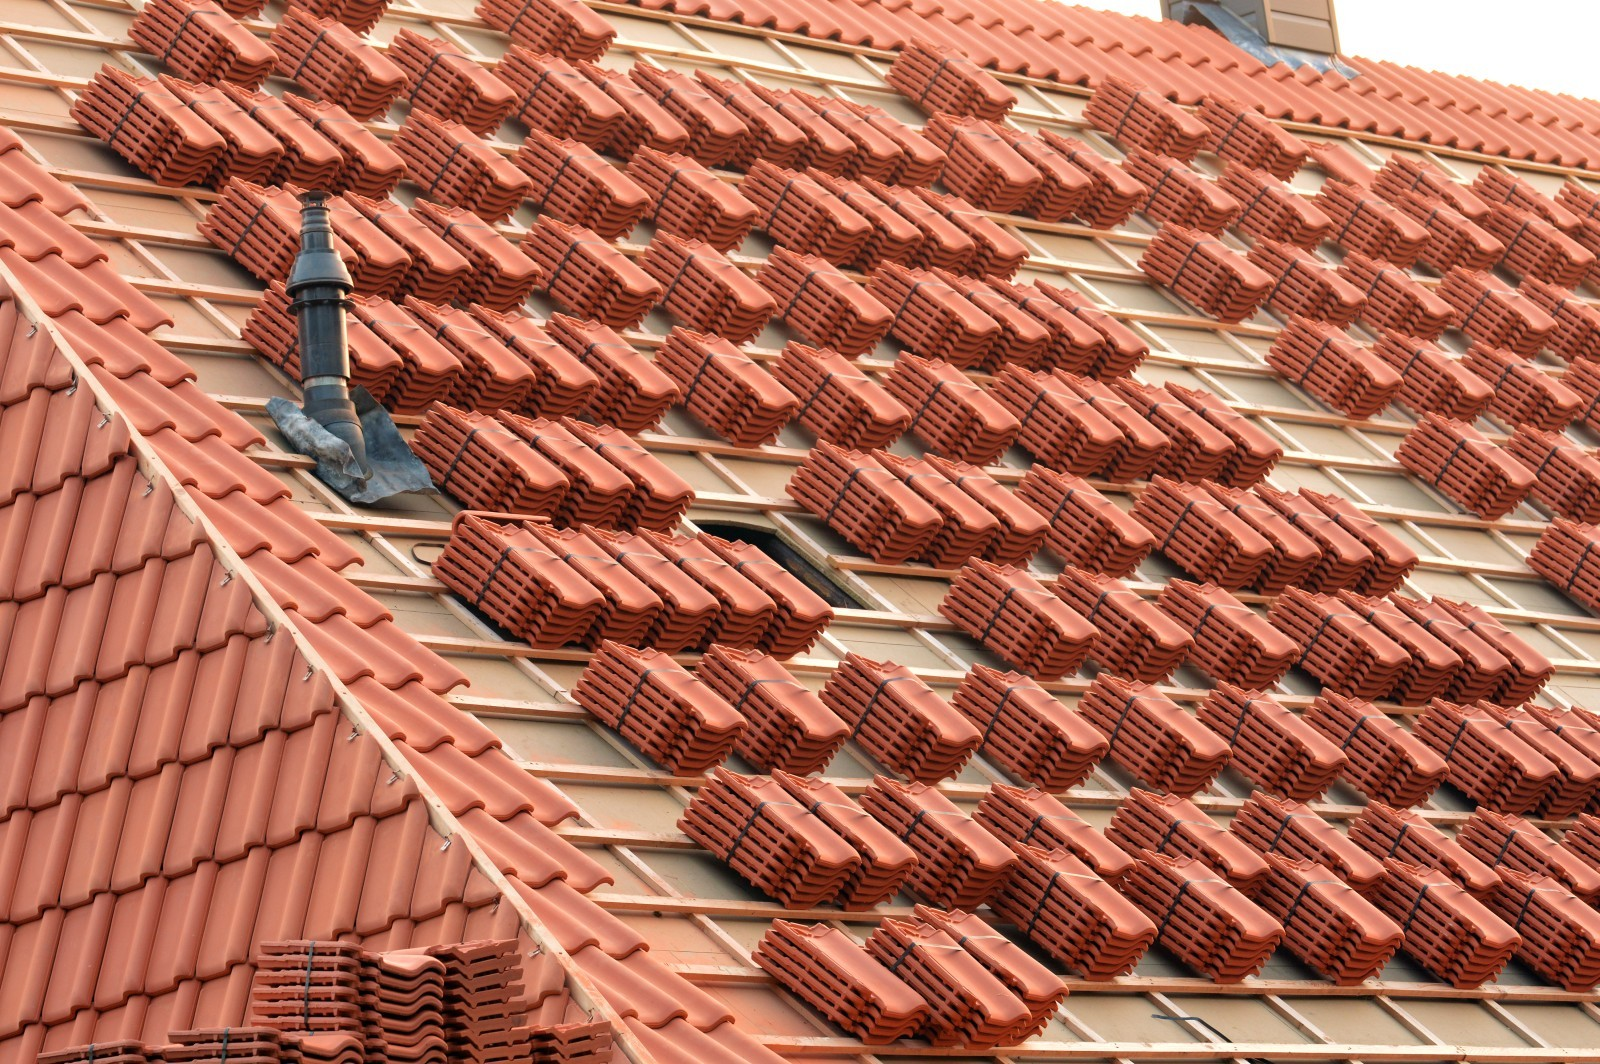 Çatı Aktarma Malzemeleri Nelerdir